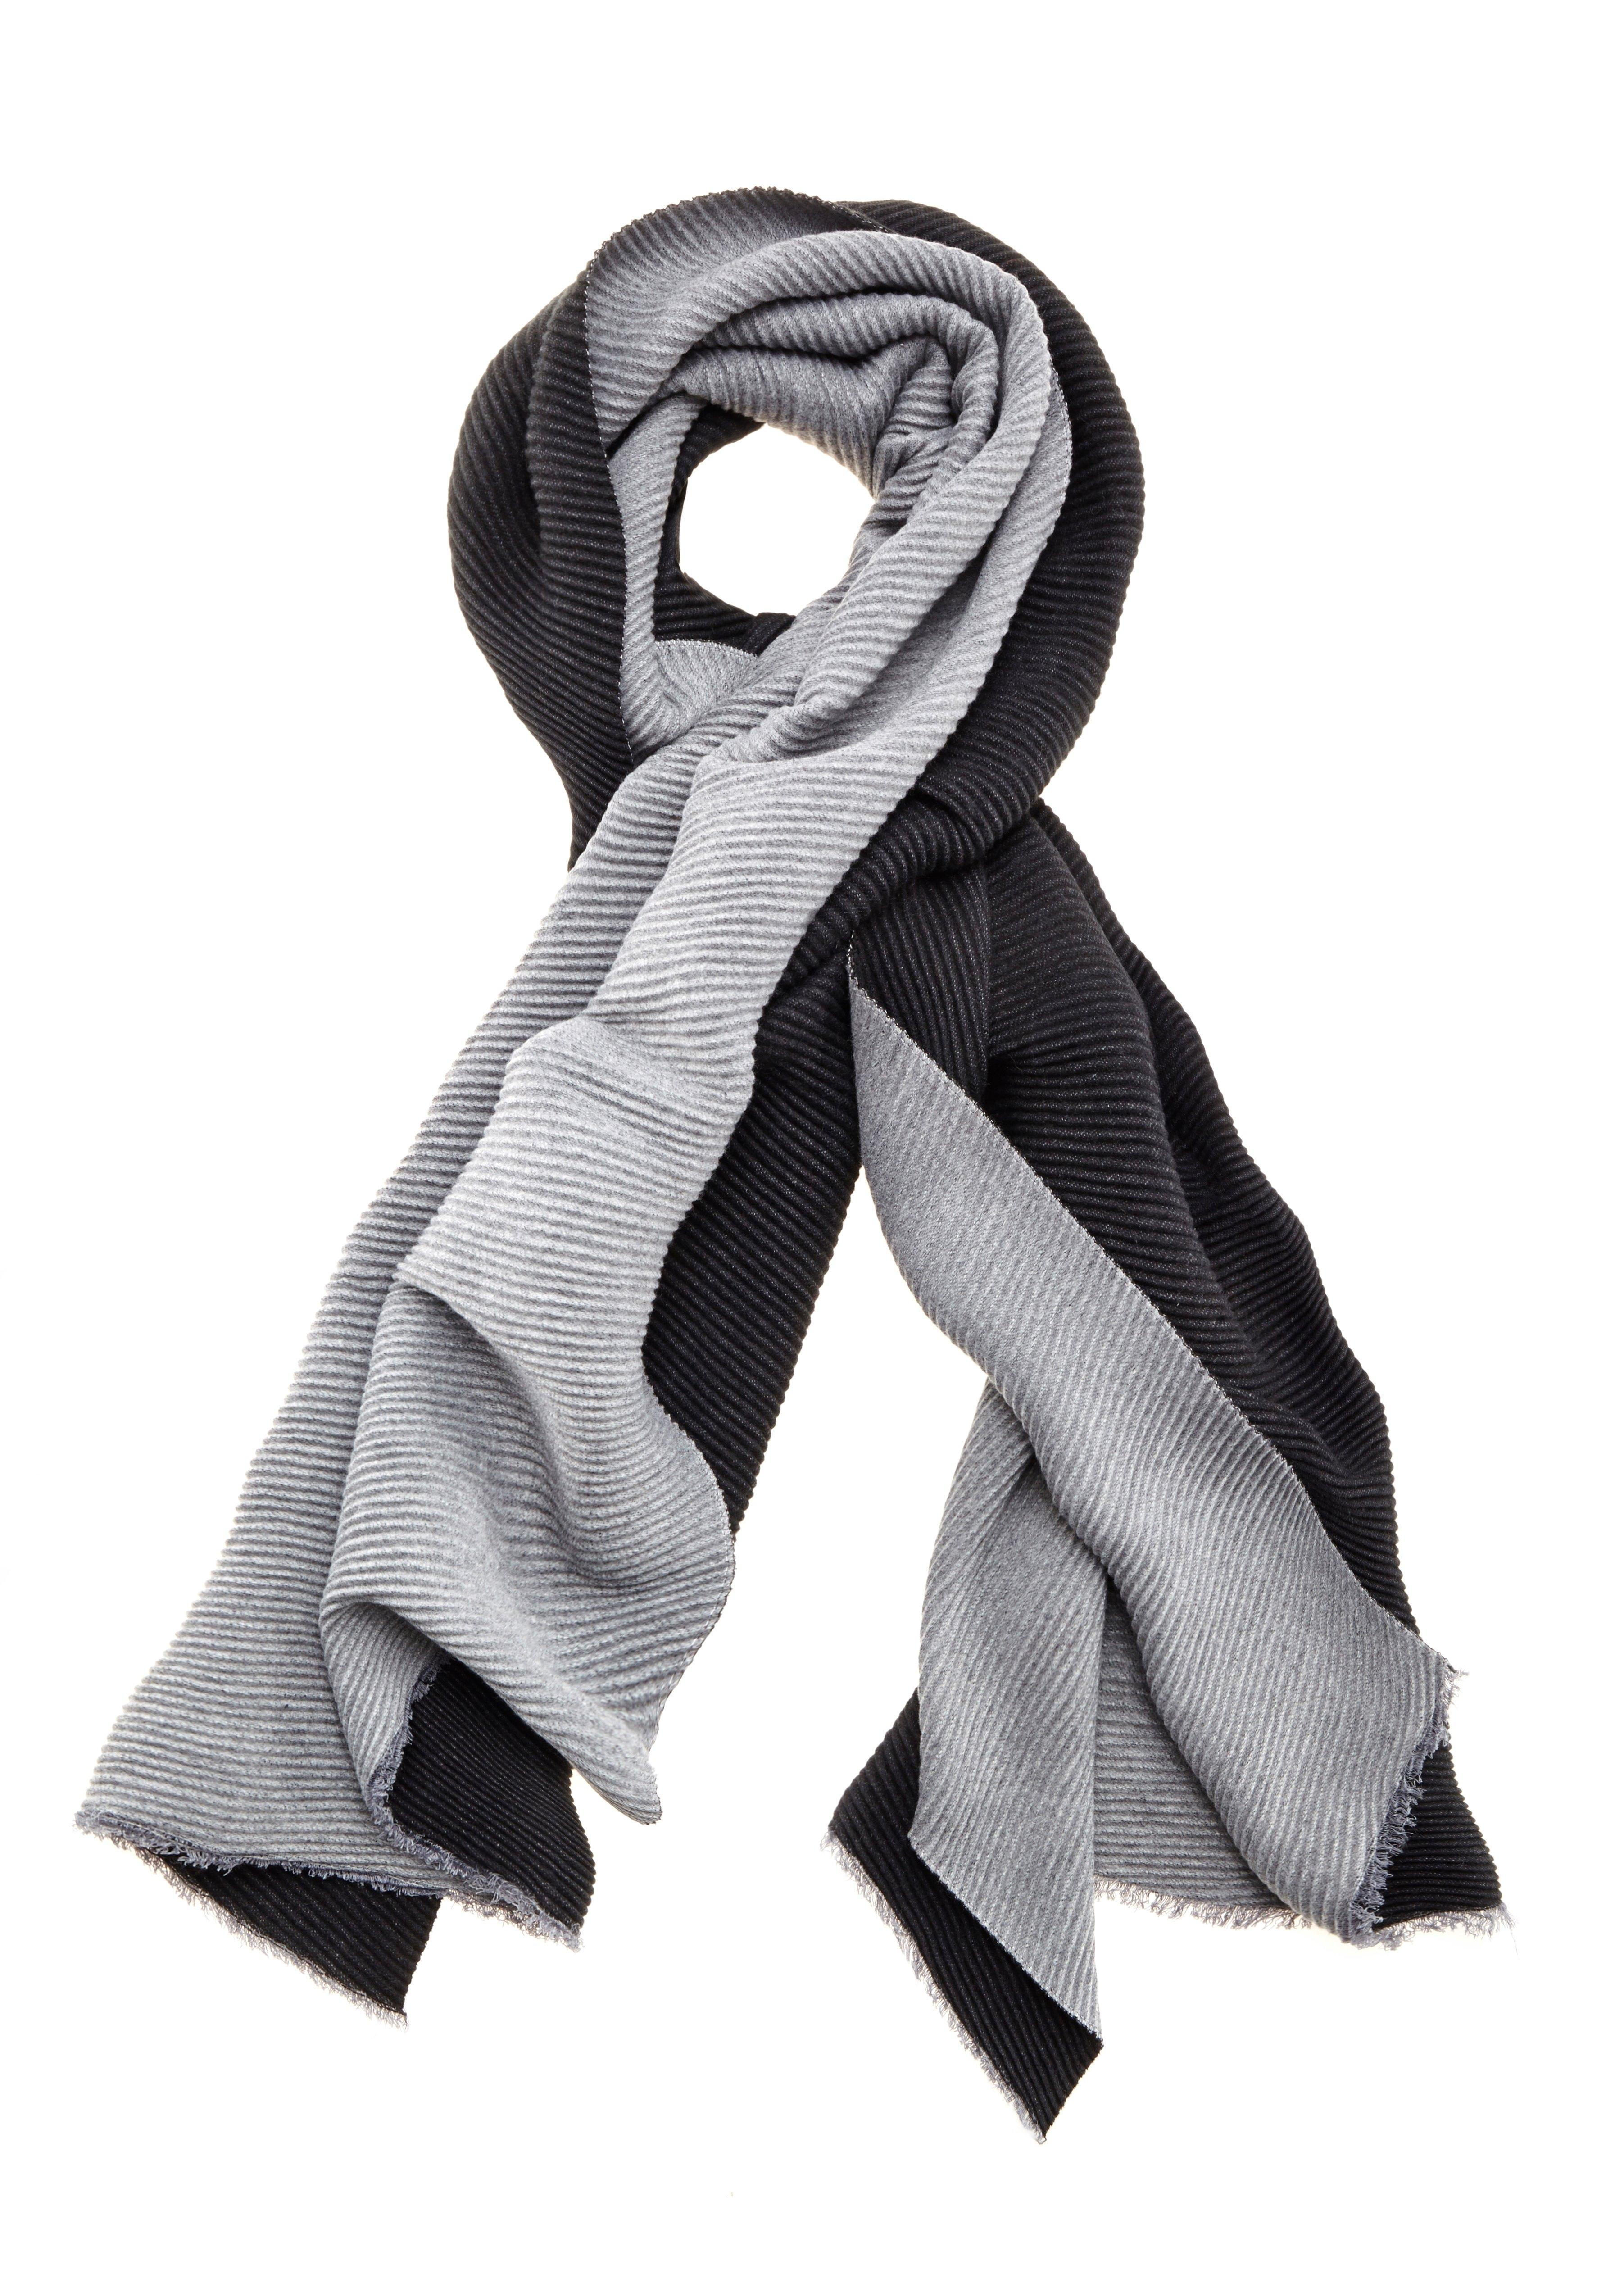 Op zoek naar een LASCANA sjaal? Koop online bij Lascana